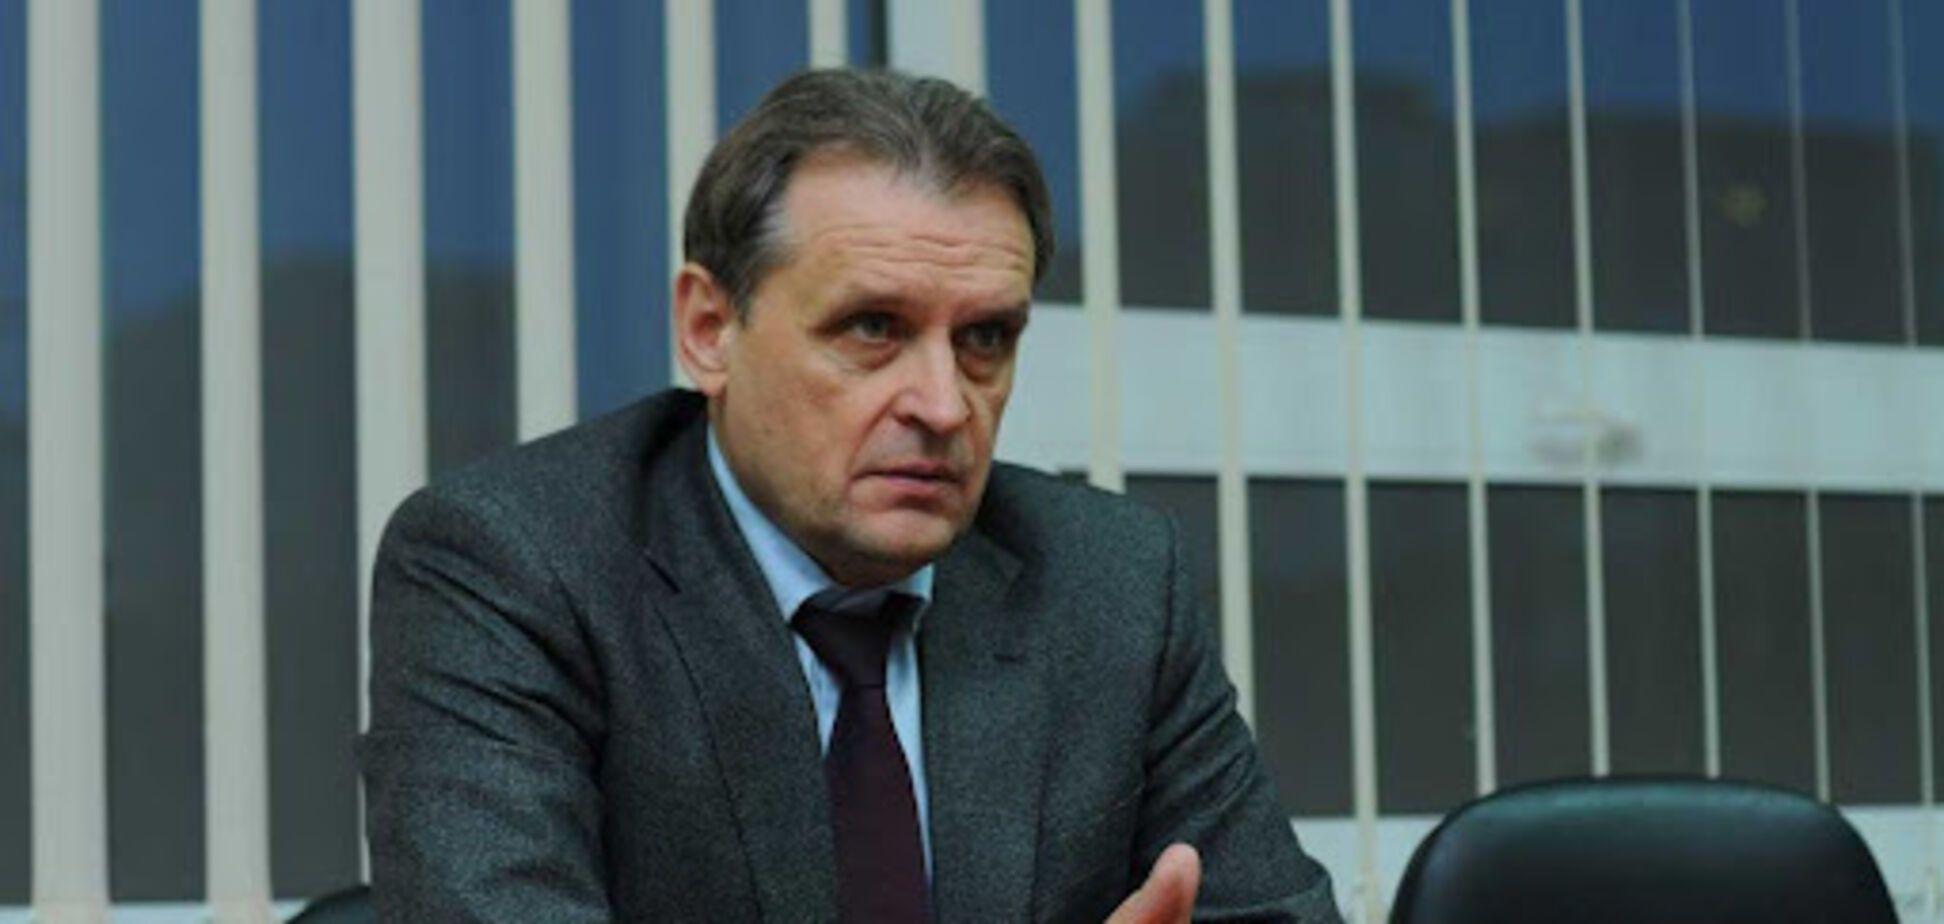 Замість підвищення податків владі варто зайнятися схемами на митниці, – Козаченко